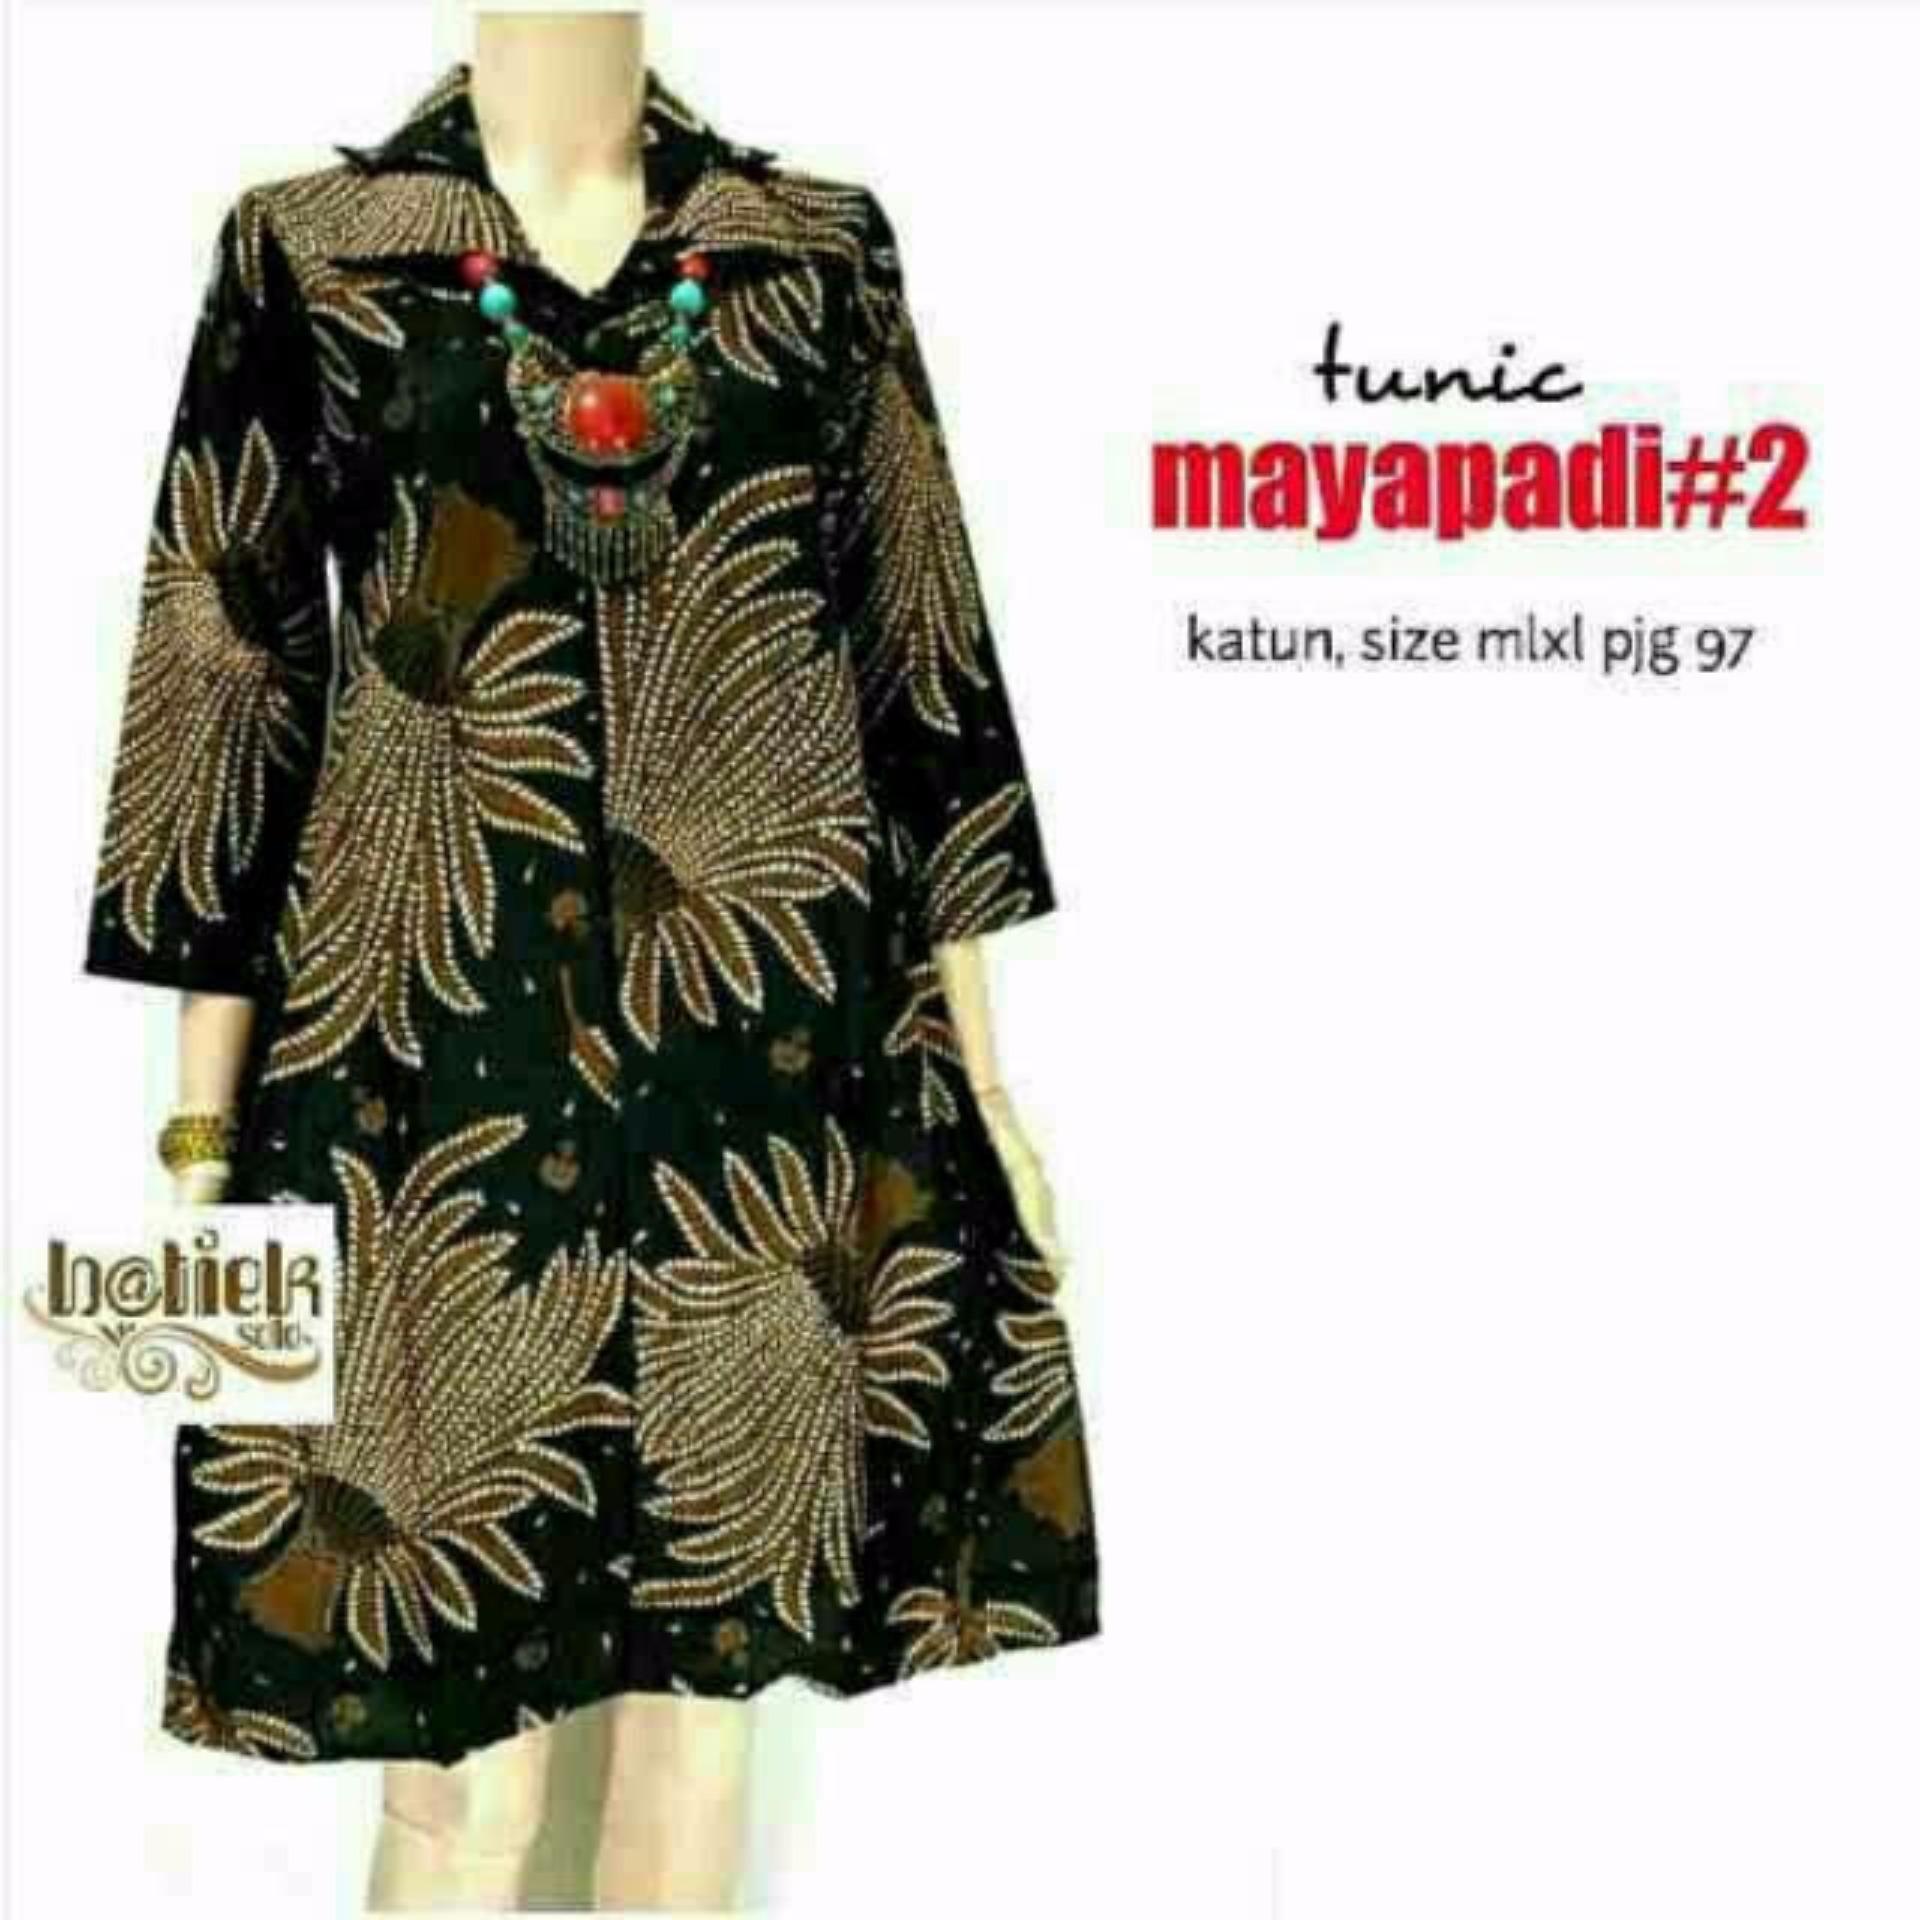 Jakarta Mall -  Setelan atasan dan bawahan Batik Modern / Baju Formal / Kemeja Wanita / Kemeja Formal / Atasan Muslim / Kemeja Cewek / Tunik / Atasan Simpel / Atasan Elegant / Baju Kekinian / Murah